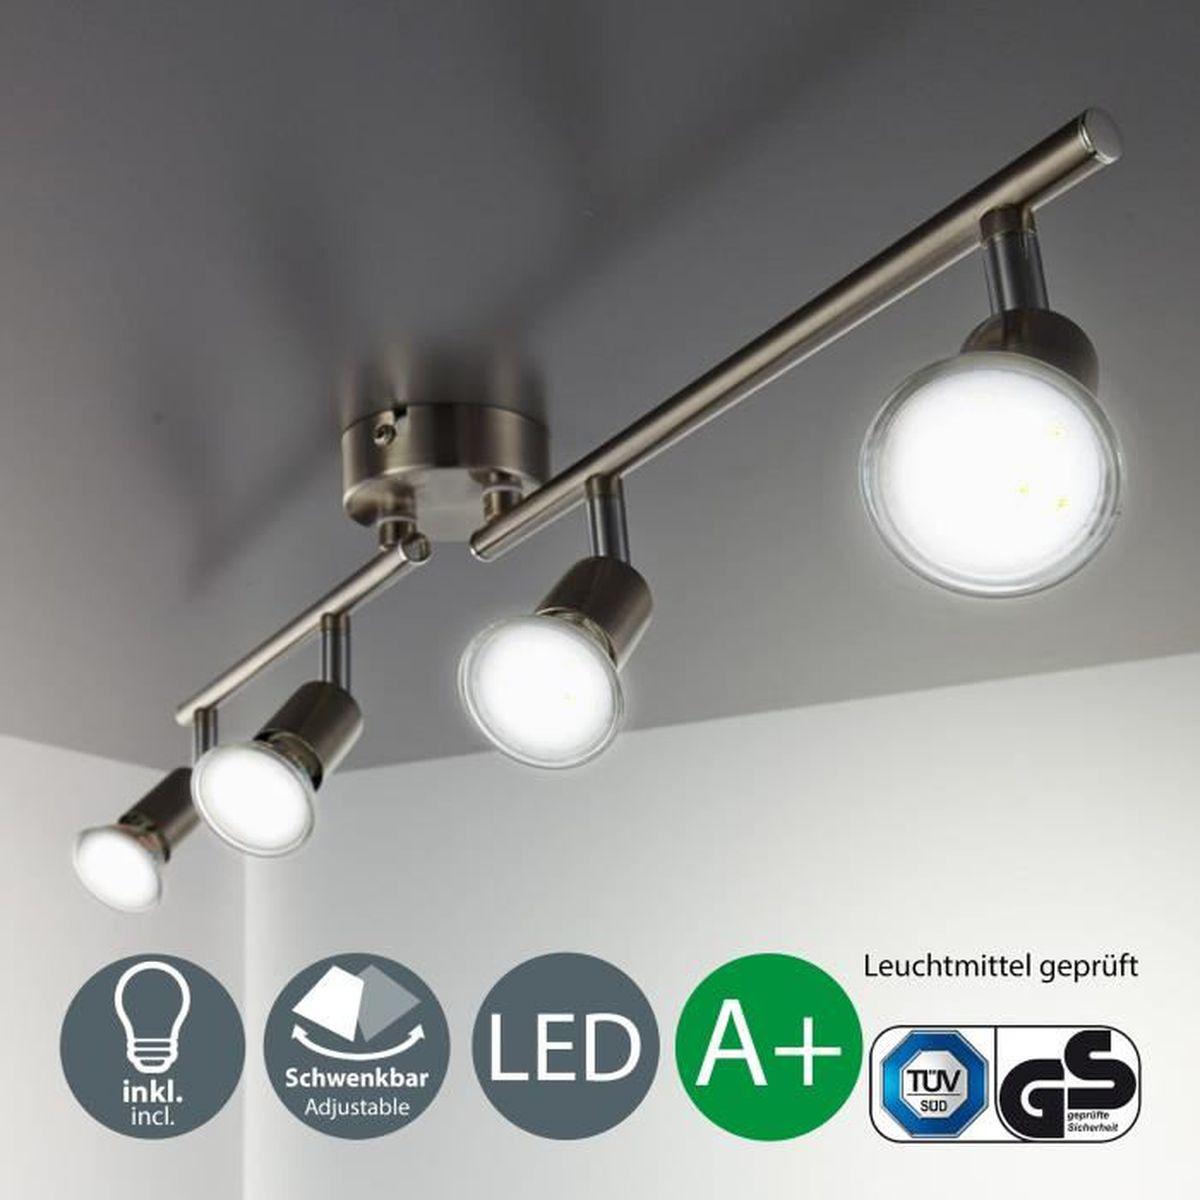 Lampe Plafond Salon Design plafonnier led 4 spots orientables, 4x3w, gu10, ip20, spots